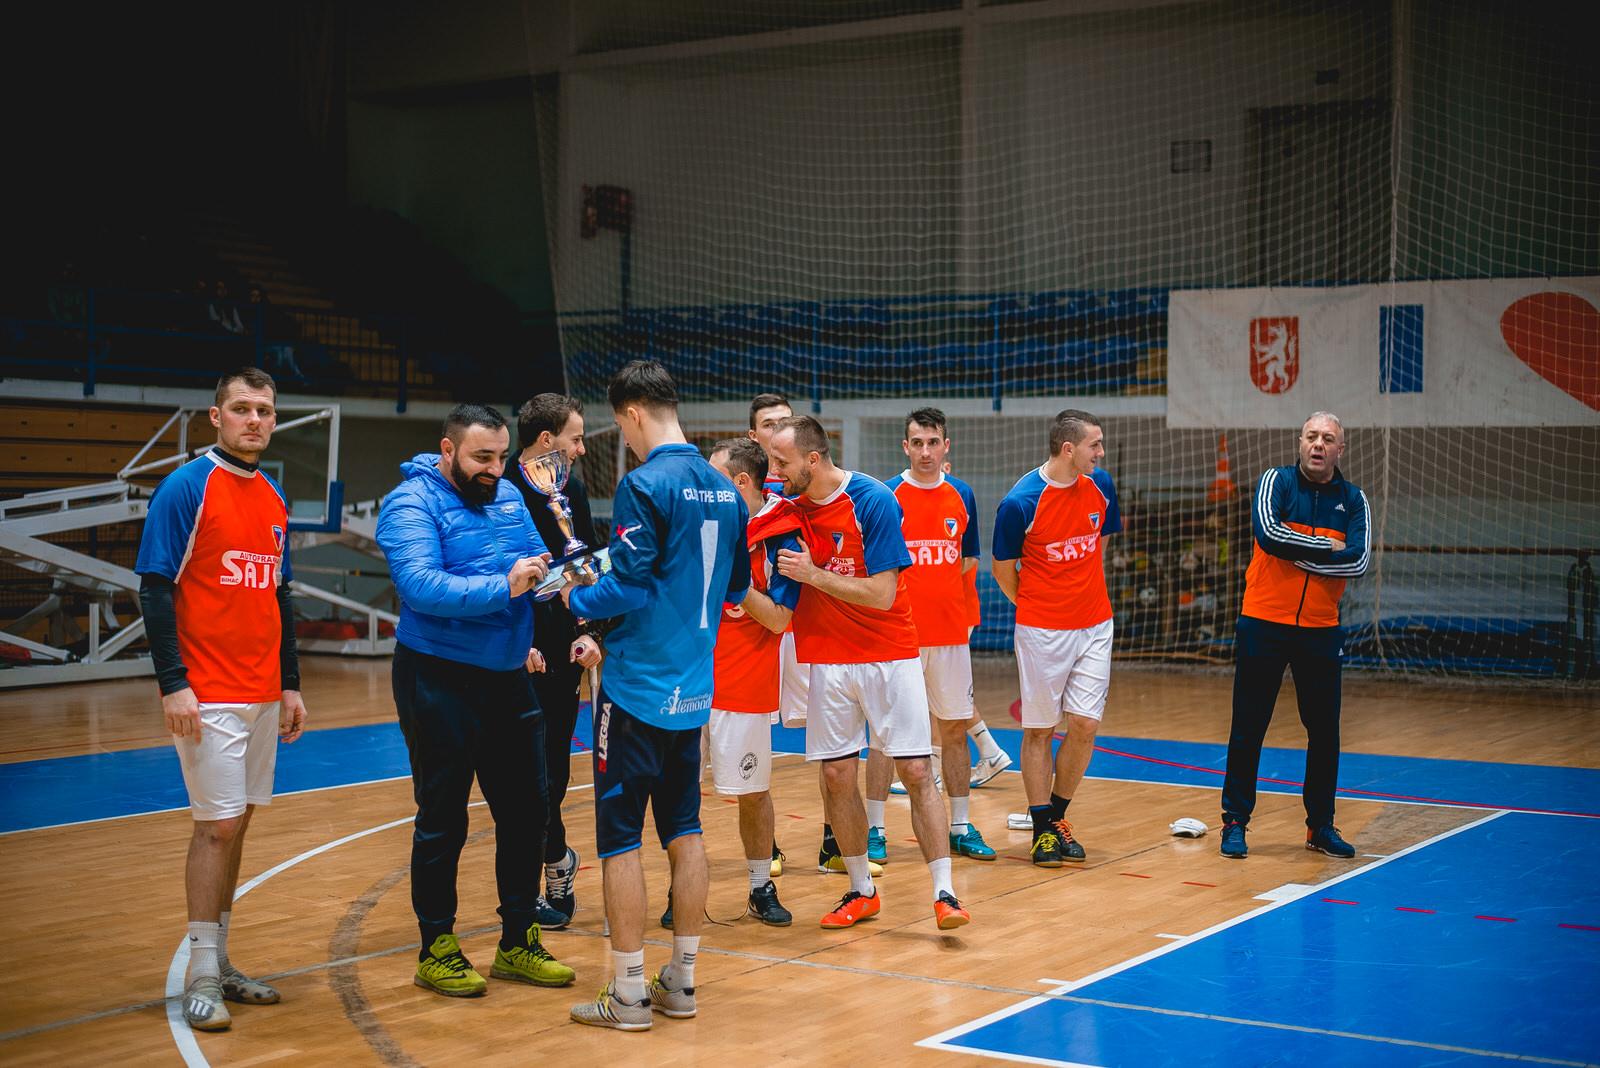 likaclub_gospić_zimski-malonogometni-turnir-2018-19-106